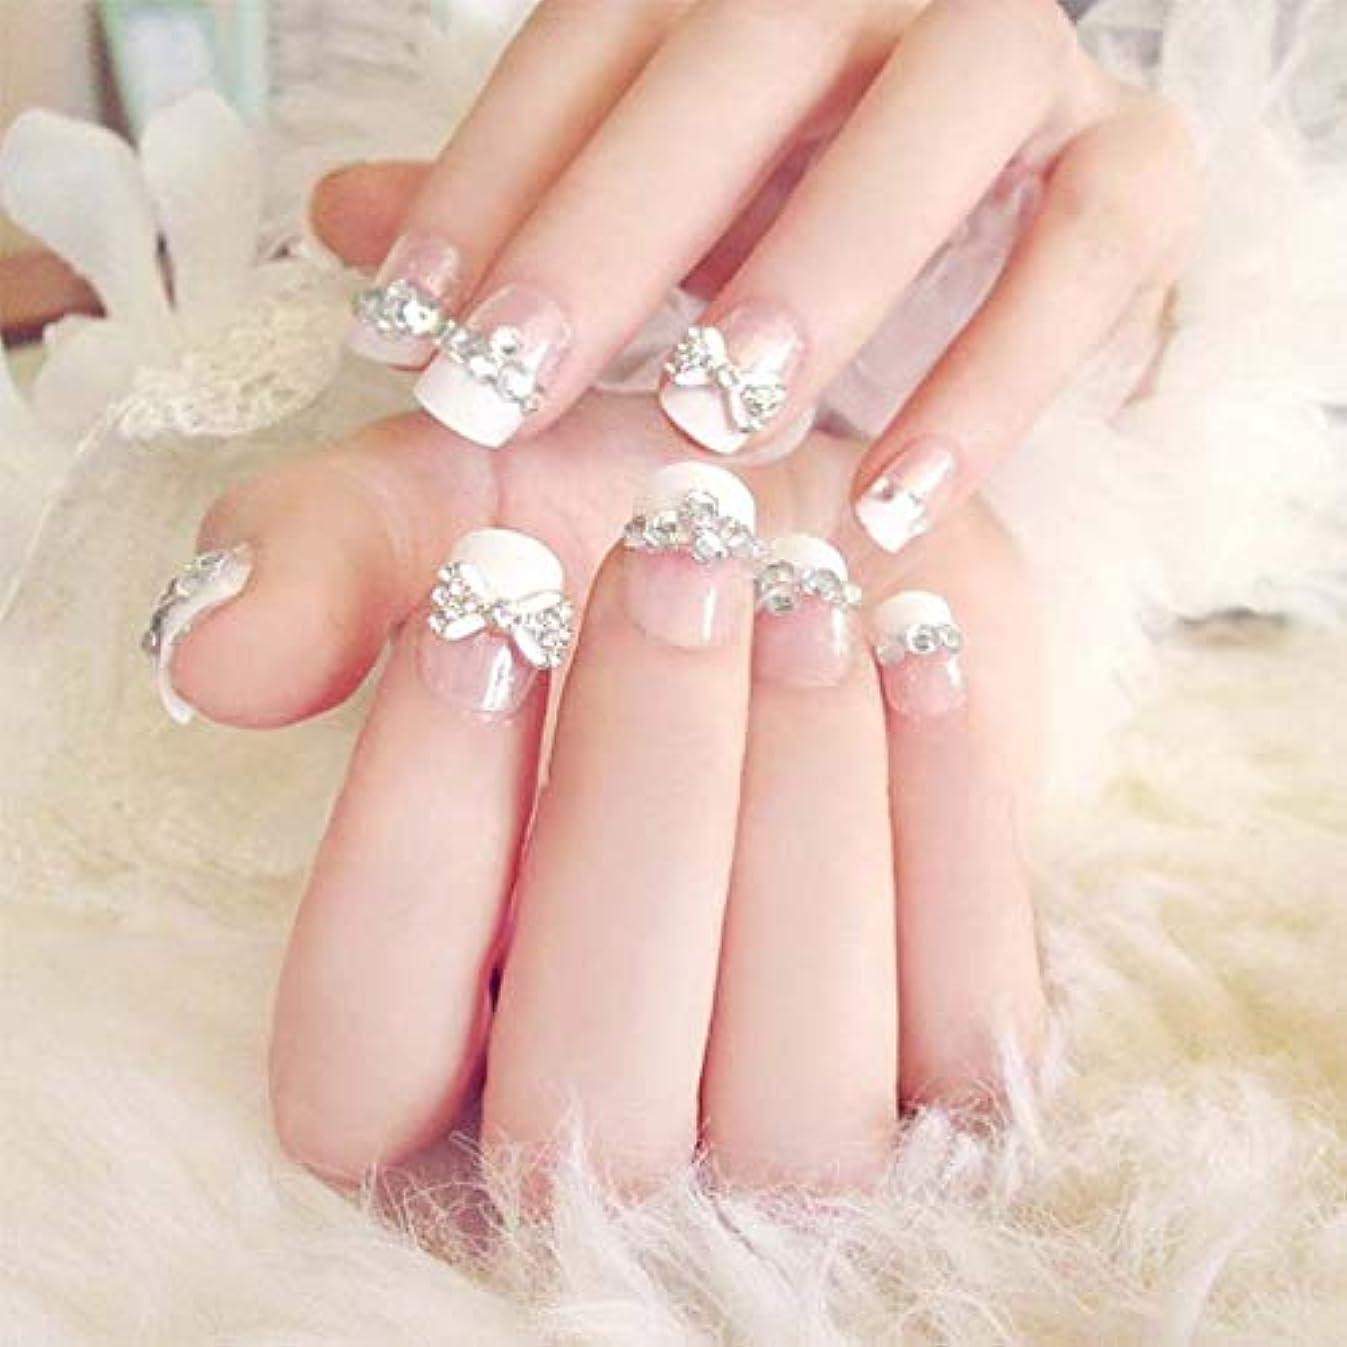 答え教育要塞XUTXZKA 24個/セット偽の爪の結婚式の花嫁フルネイルのヒントミドルロング偽ネイル